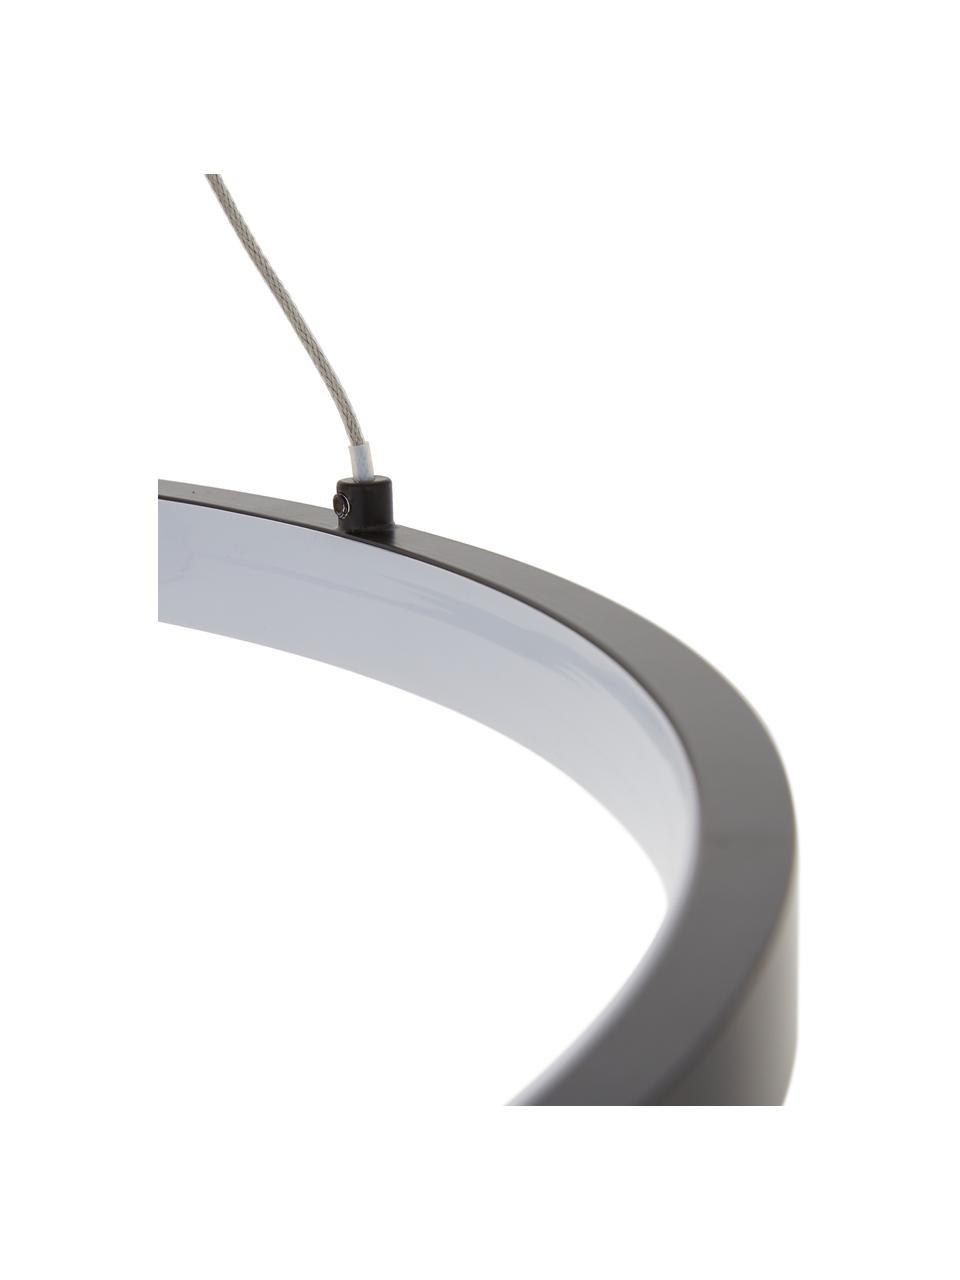 Lampada a sospensione a LED Jay, Baldacchino: Alluminio verniciato a po, Paralume: Alluminio verniciato a po, Baldacchino: nero opaco paralume: nero opaco cavo: argento, Ø 60 x Alt. 150 cm